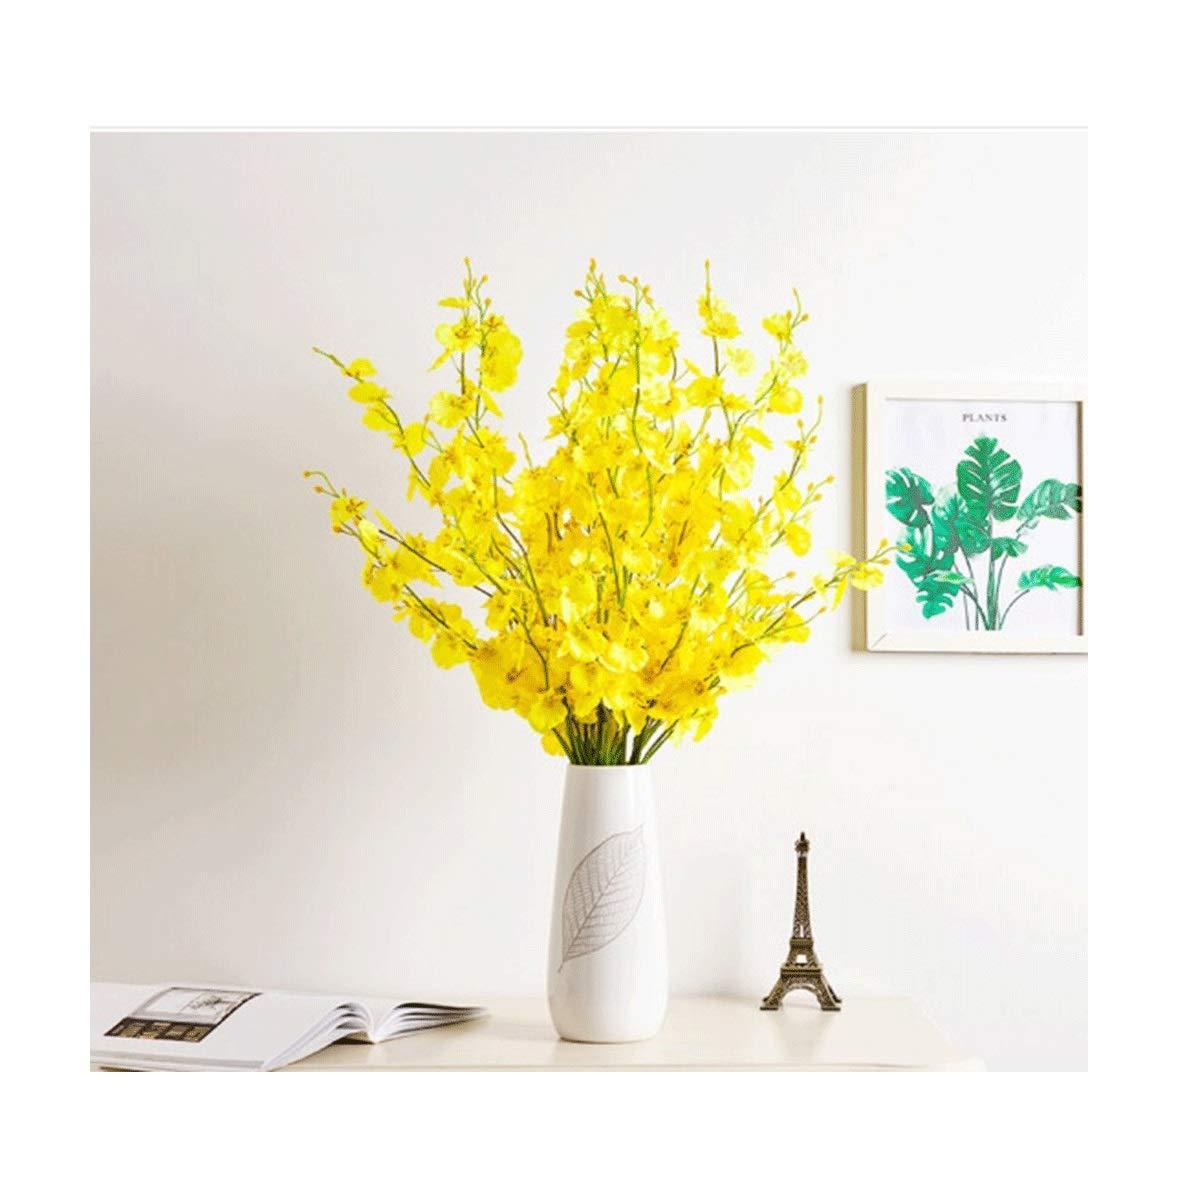 人工花セット(花瓶付き)、偽の花の花セット、家庭用リビングルーム/ポーチ/テレビキャビネット/レストラン/テーブルデコレーション、10花+花瓶に使用できます。 (Color : 10 flowers+vase) B07SMT3KYH 10 flowers+vase